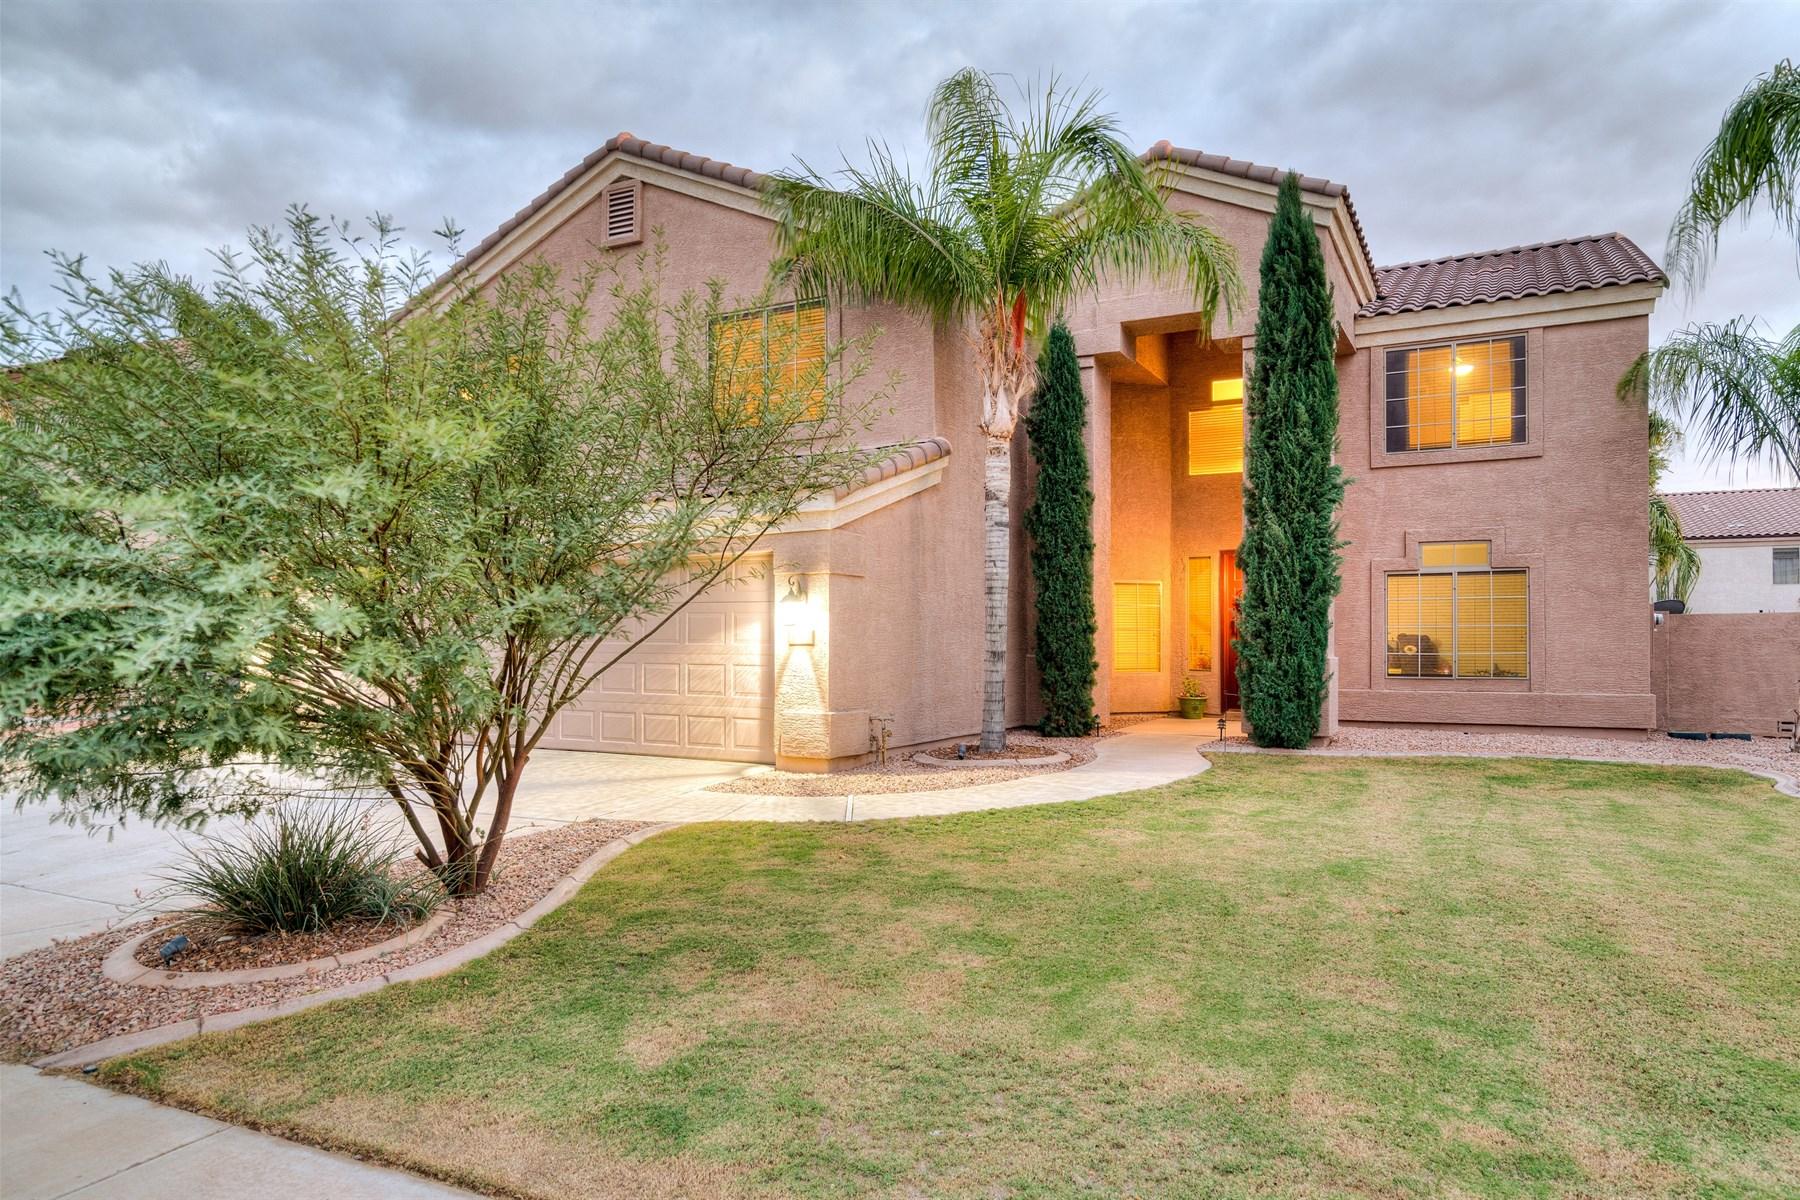 Maison unifamiliale pour l Vente à Beautiful home in Augusta Ranch 9545 E Lompoc Ave Mesa, Arizona 85209 États-Unis